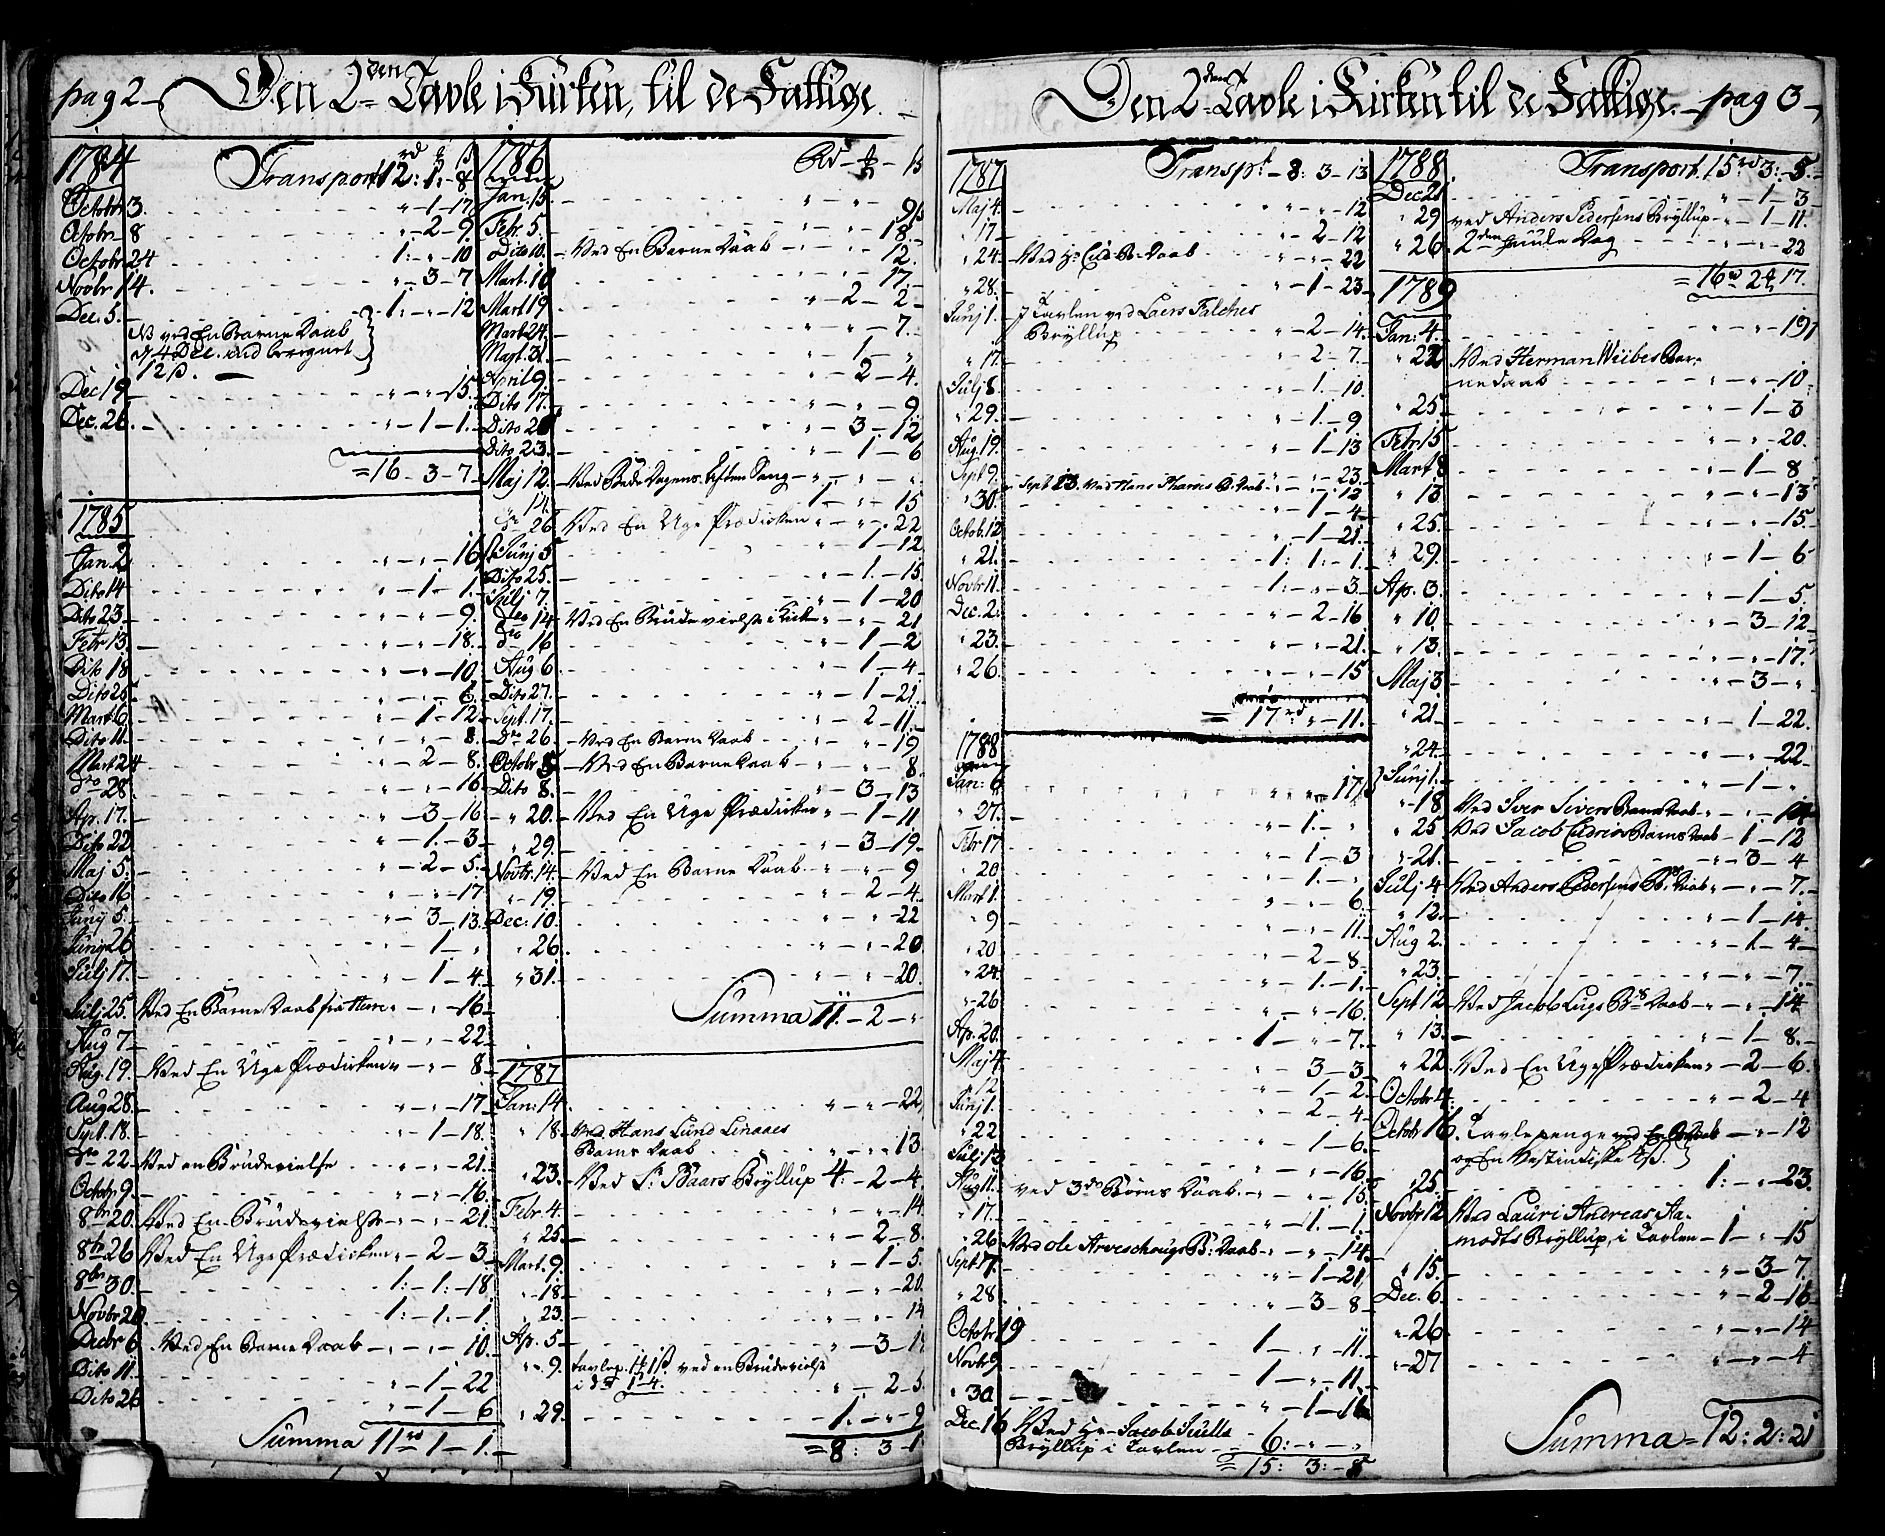 SAKO, Langesund kirkebøker, G/Ga/L0001: Klokkerbok nr. 1, 1783-1801, s. 2-3